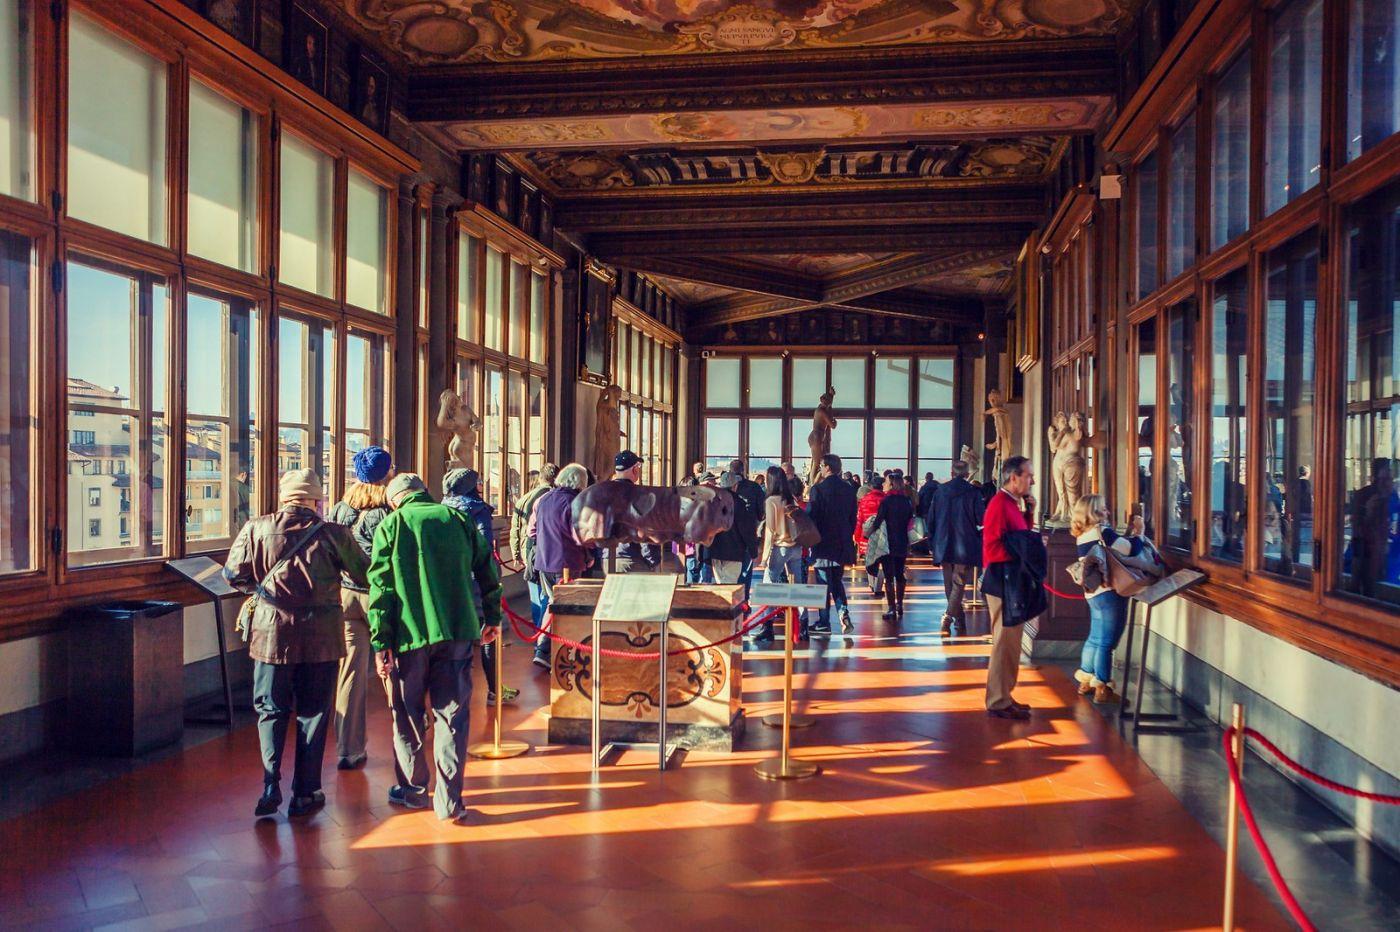 意大利佛罗伦斯乌菲兹美术馆, 进去看一看_图1-11